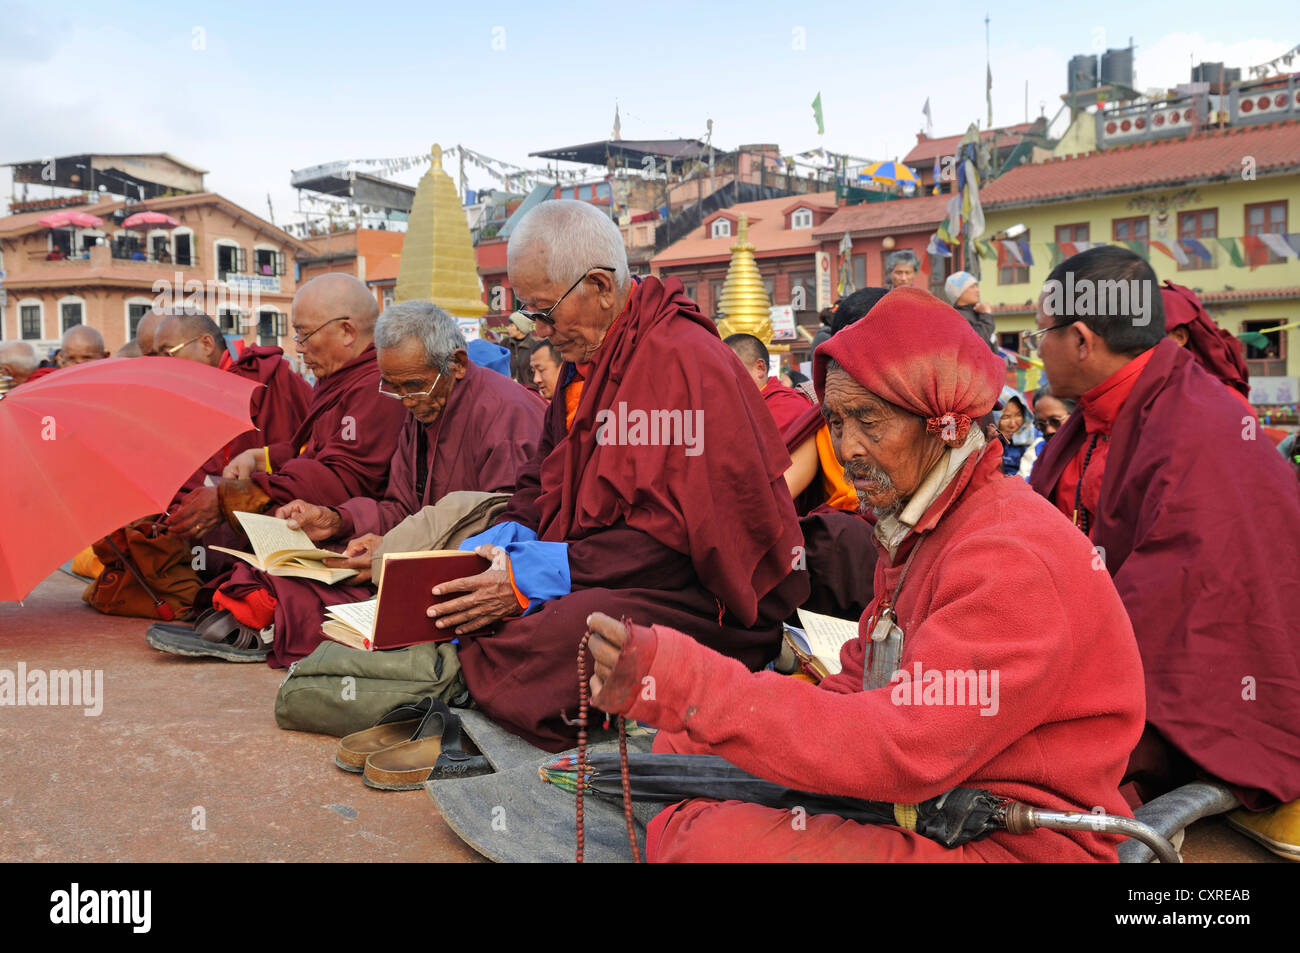 Buddhist monks, Bodhnath Stupa, Kathmandu, Kathmandu Valley, Nepal, Asia - Stock Image